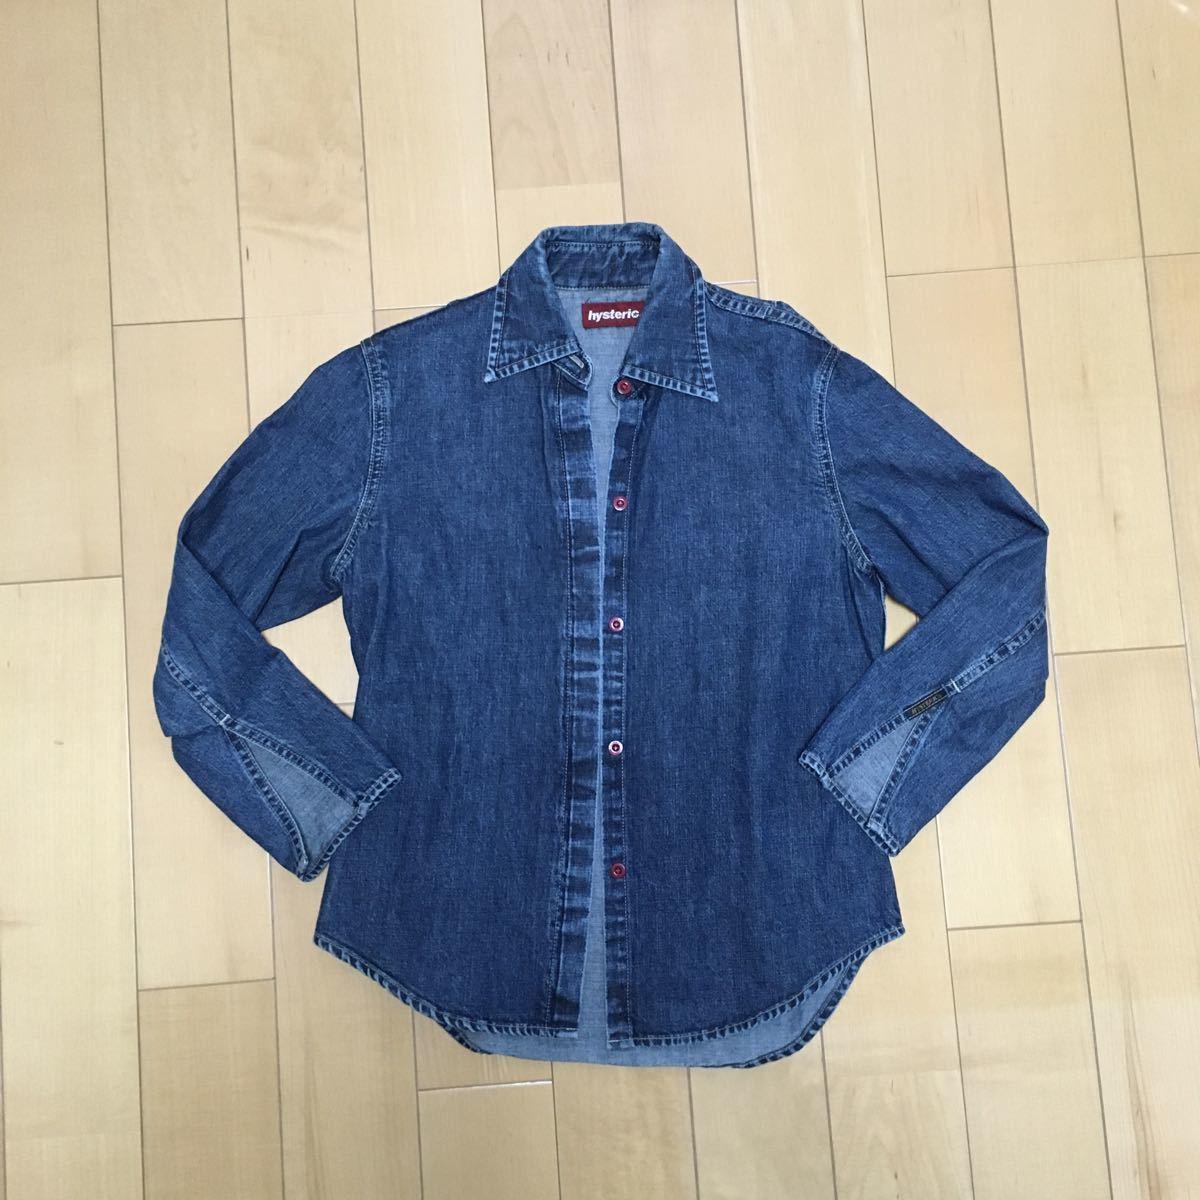 ヒステリックグラマー No.2AH-9370 デニムシャツ freeサイズ